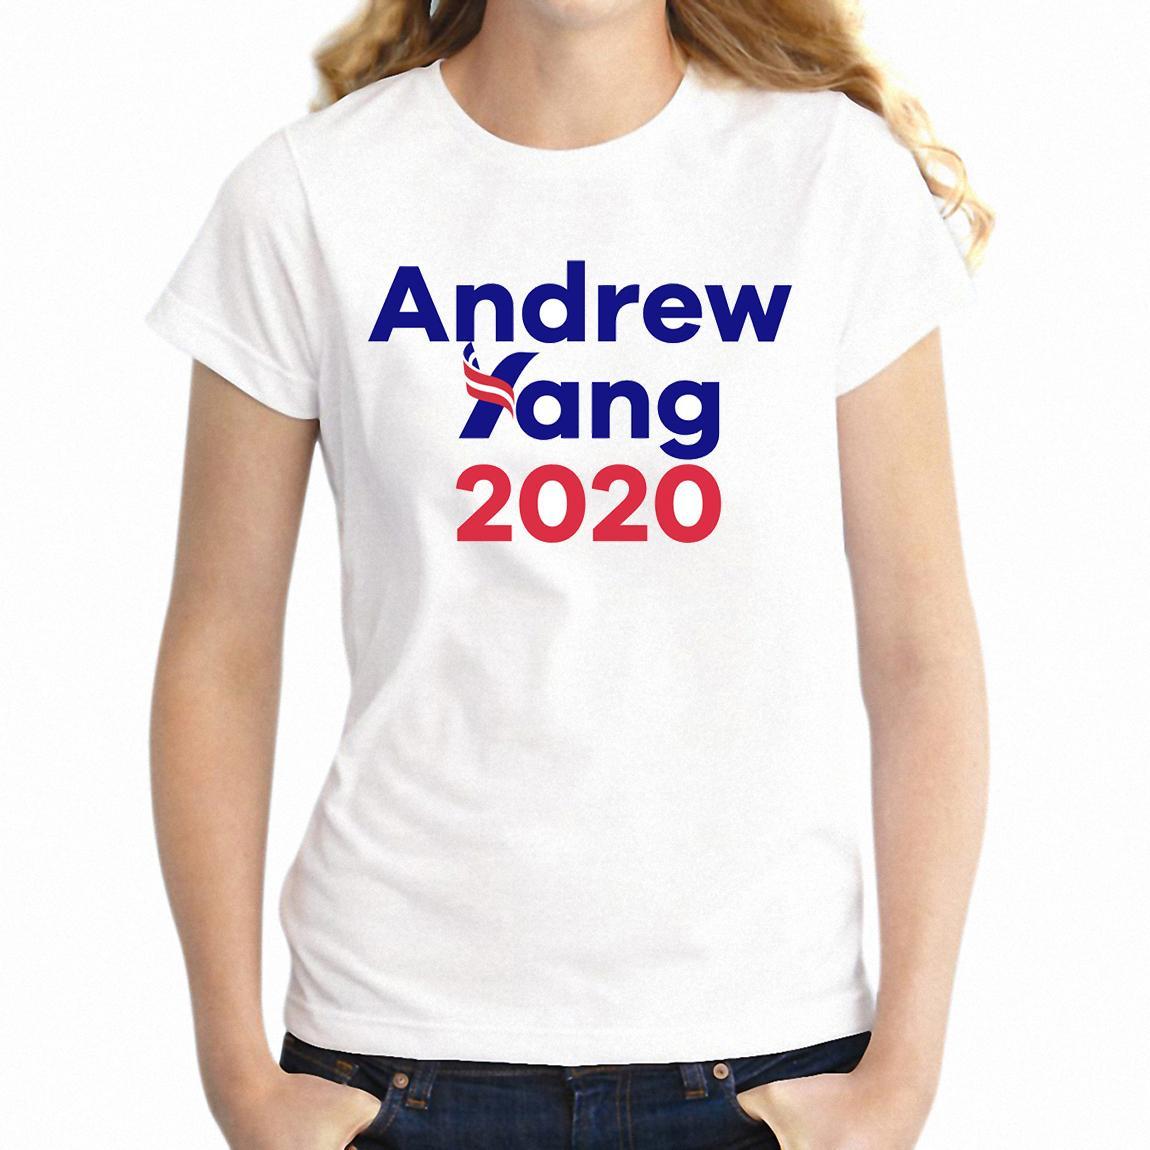 Femmes T shirt Andrew Yang 2020 Candidat présidentiel Humanity First Freedom dividendes impressionnant T-shirt de dessin fille